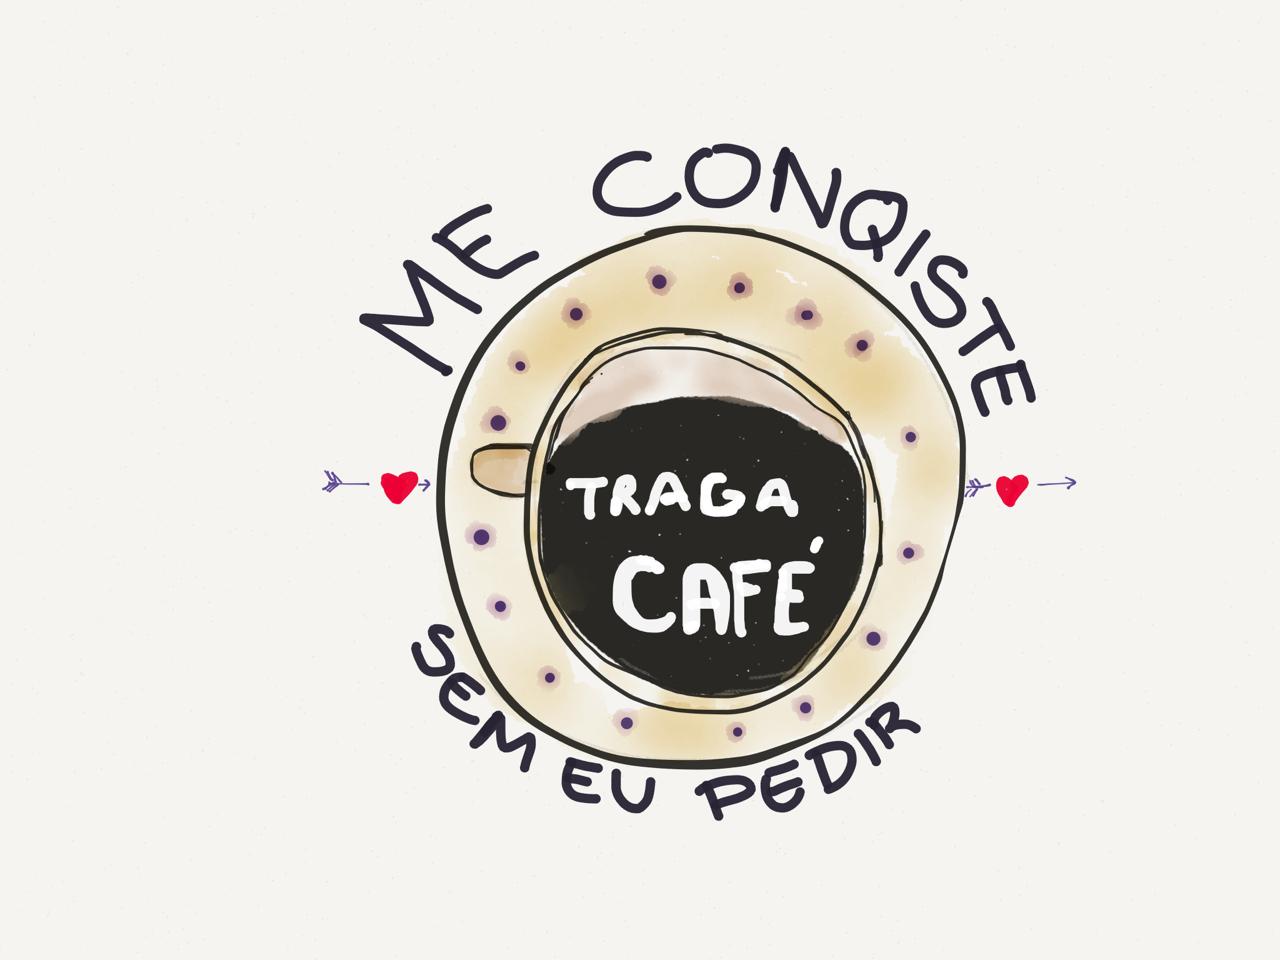 Me conquiste, traga café sem eu pedir. #coffe